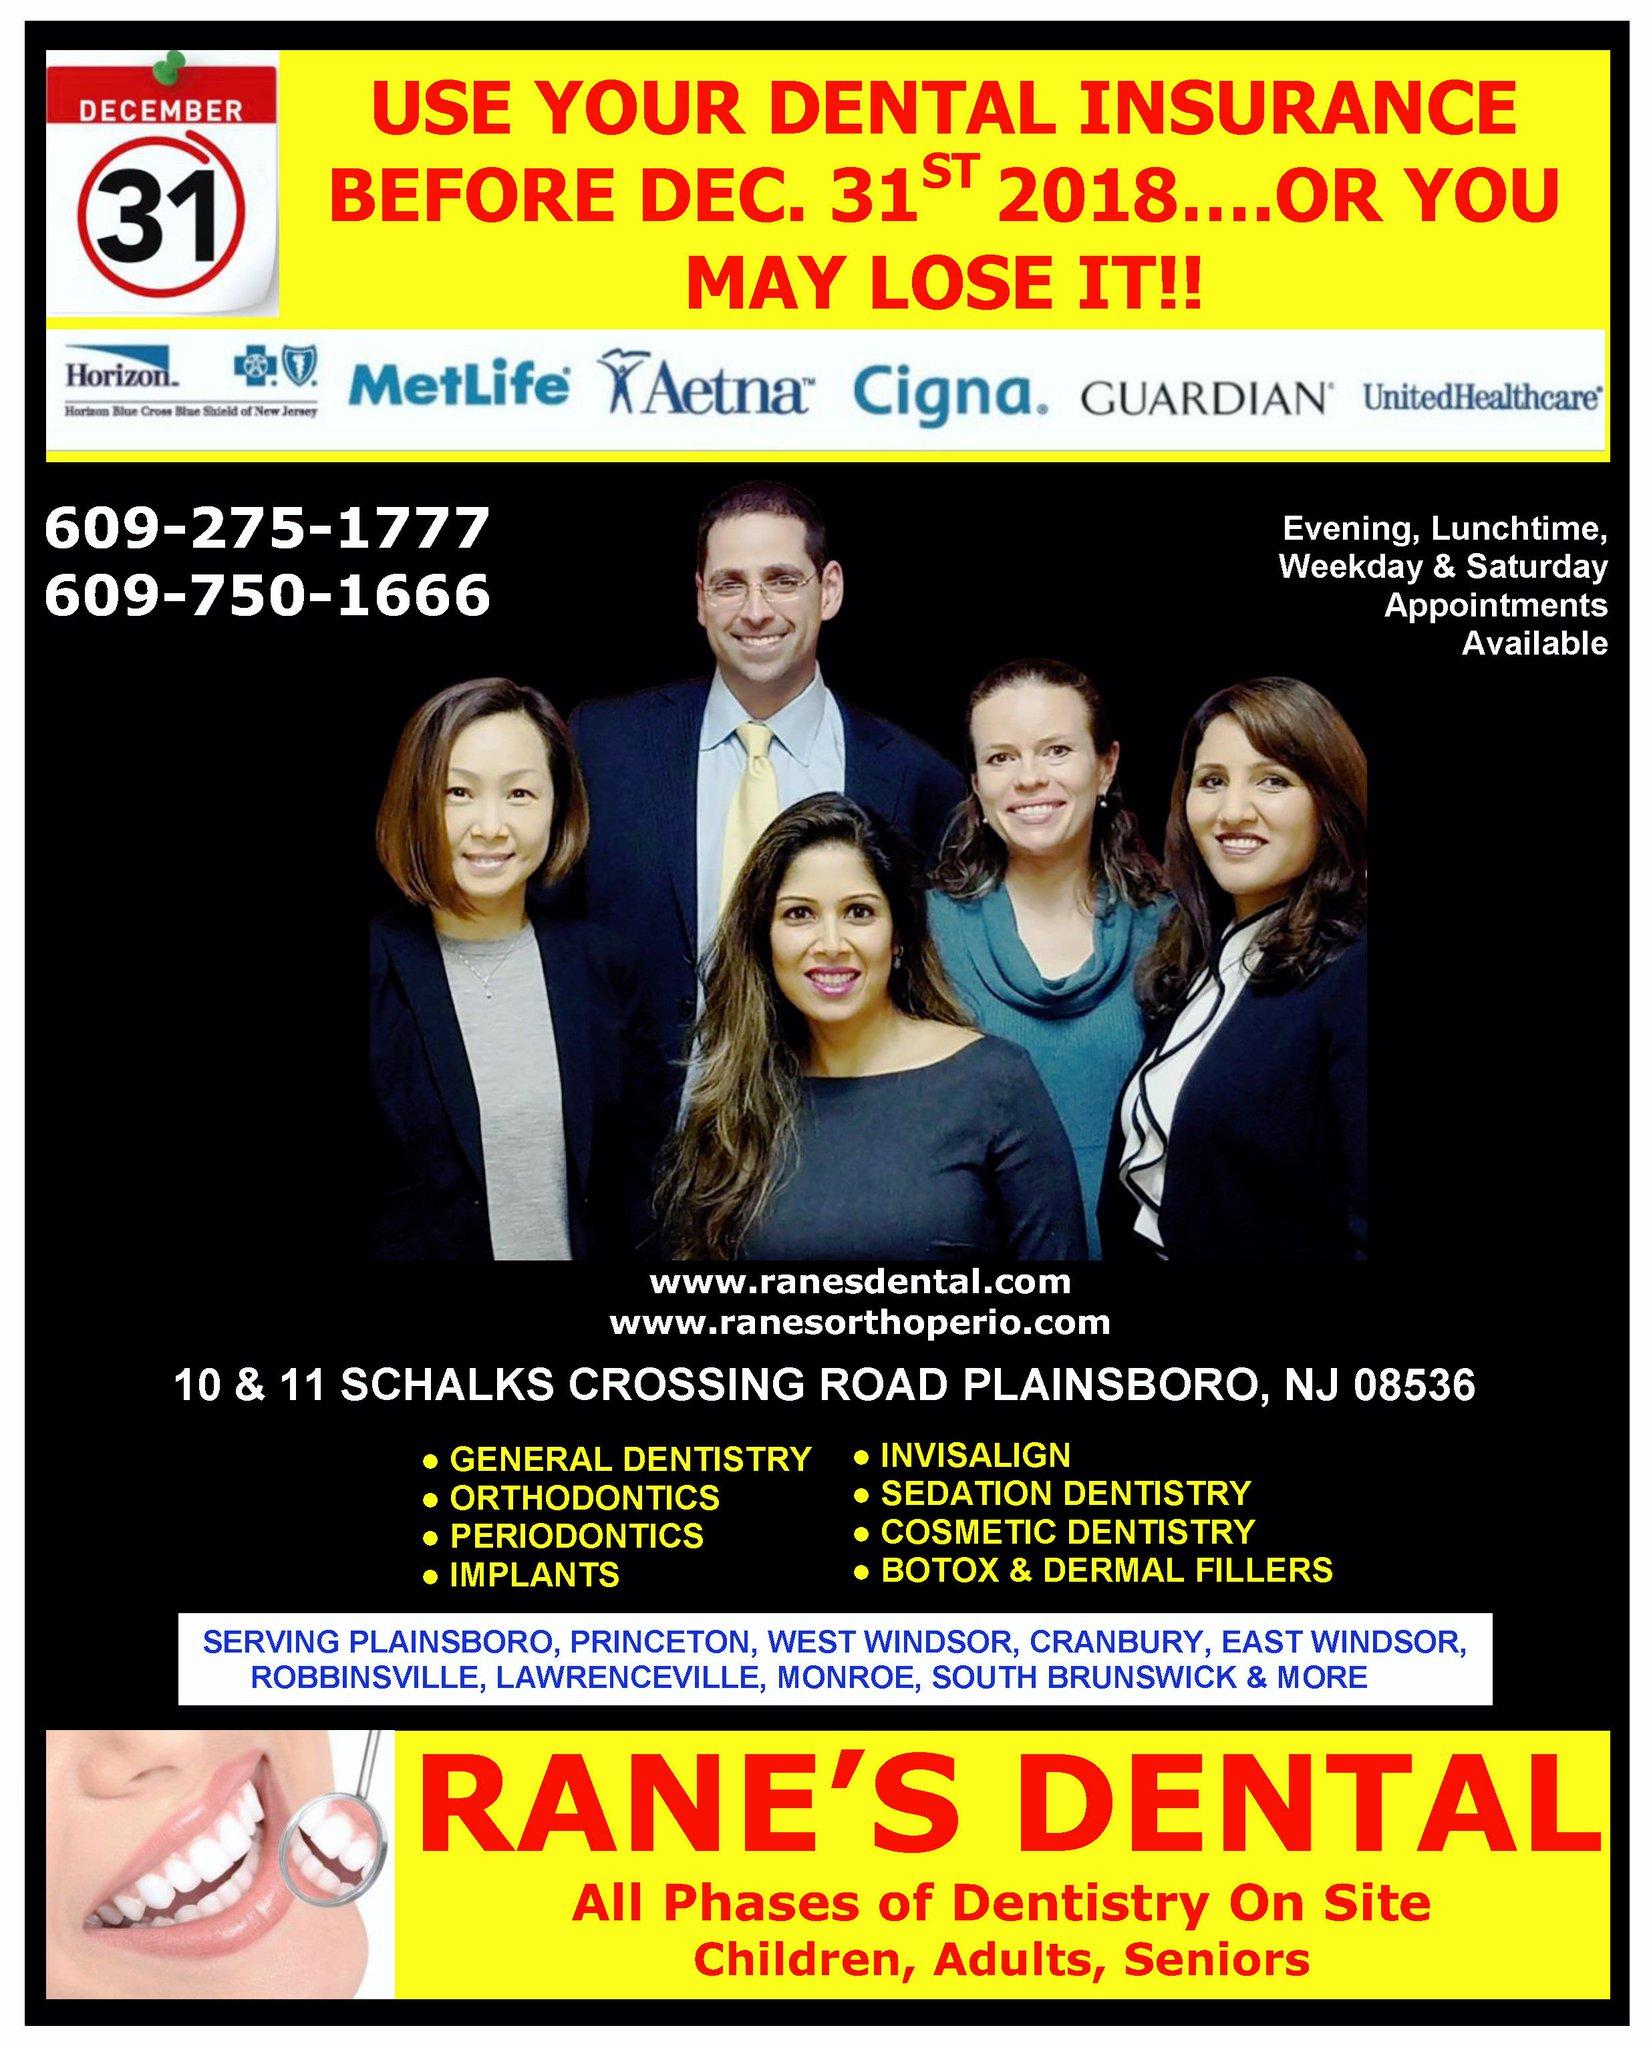 Rane's Dental on Twitter: